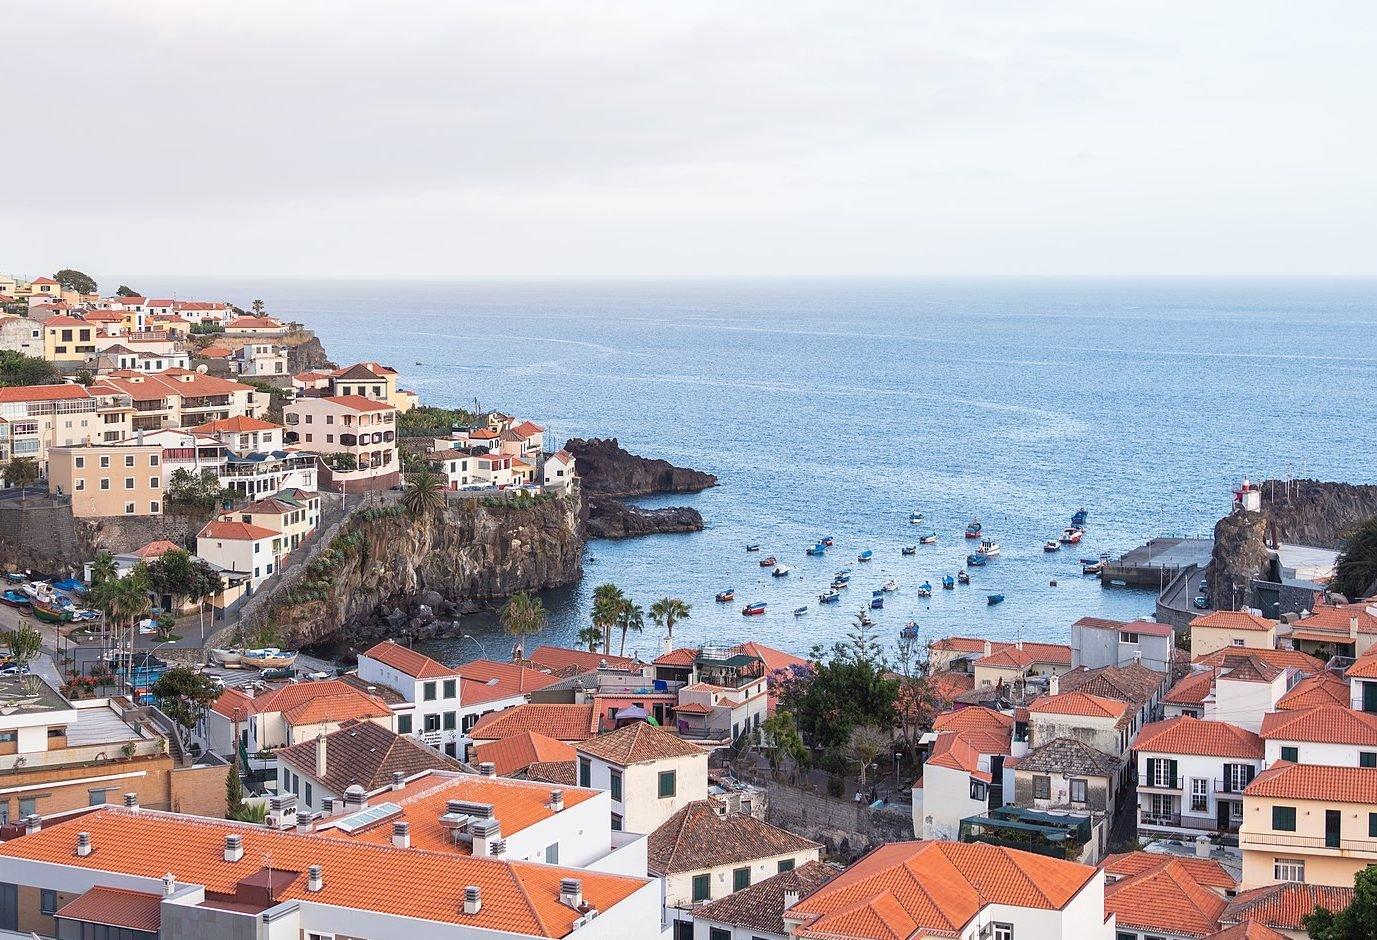 1920px Bahia de Camara de Lobos Madeira Portugal 2019 05 29 DD 50 e1627306928754 The Top Ten Holiday Destinations Of The 1980s